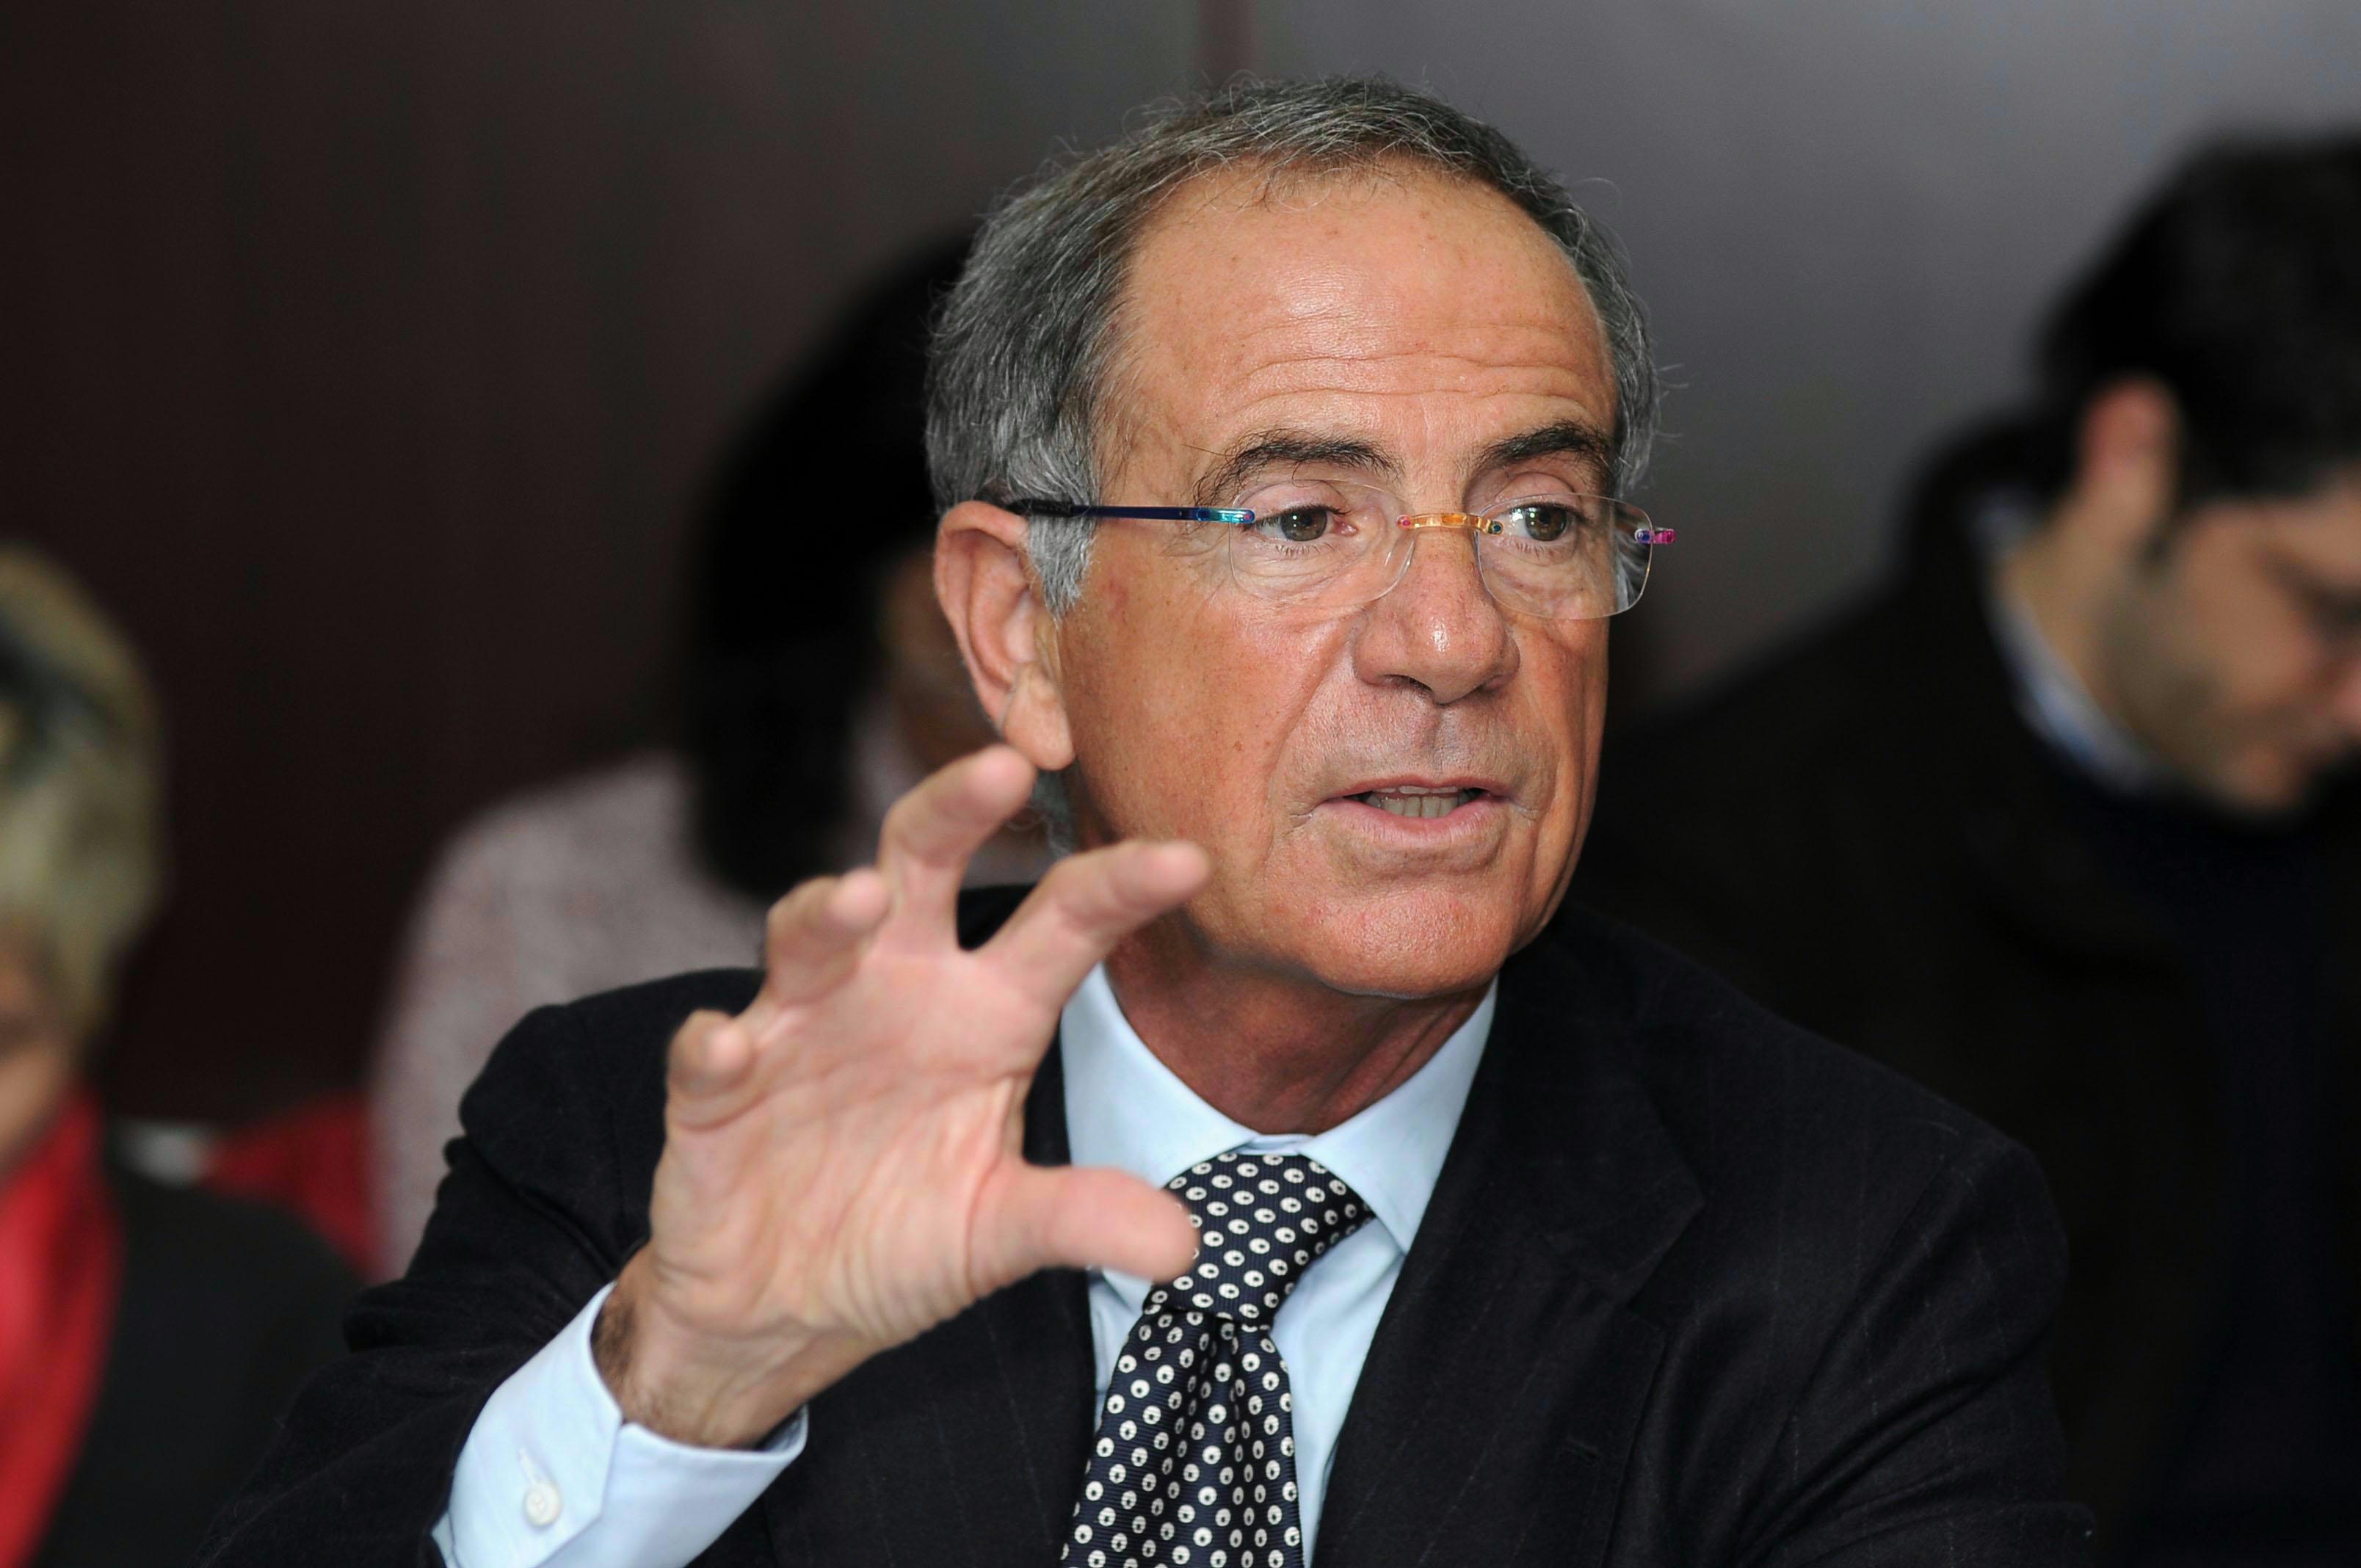 Elezioni Comunali Bari 2014: centrosinistra primarie, centrodestra ha scelto Di Paola